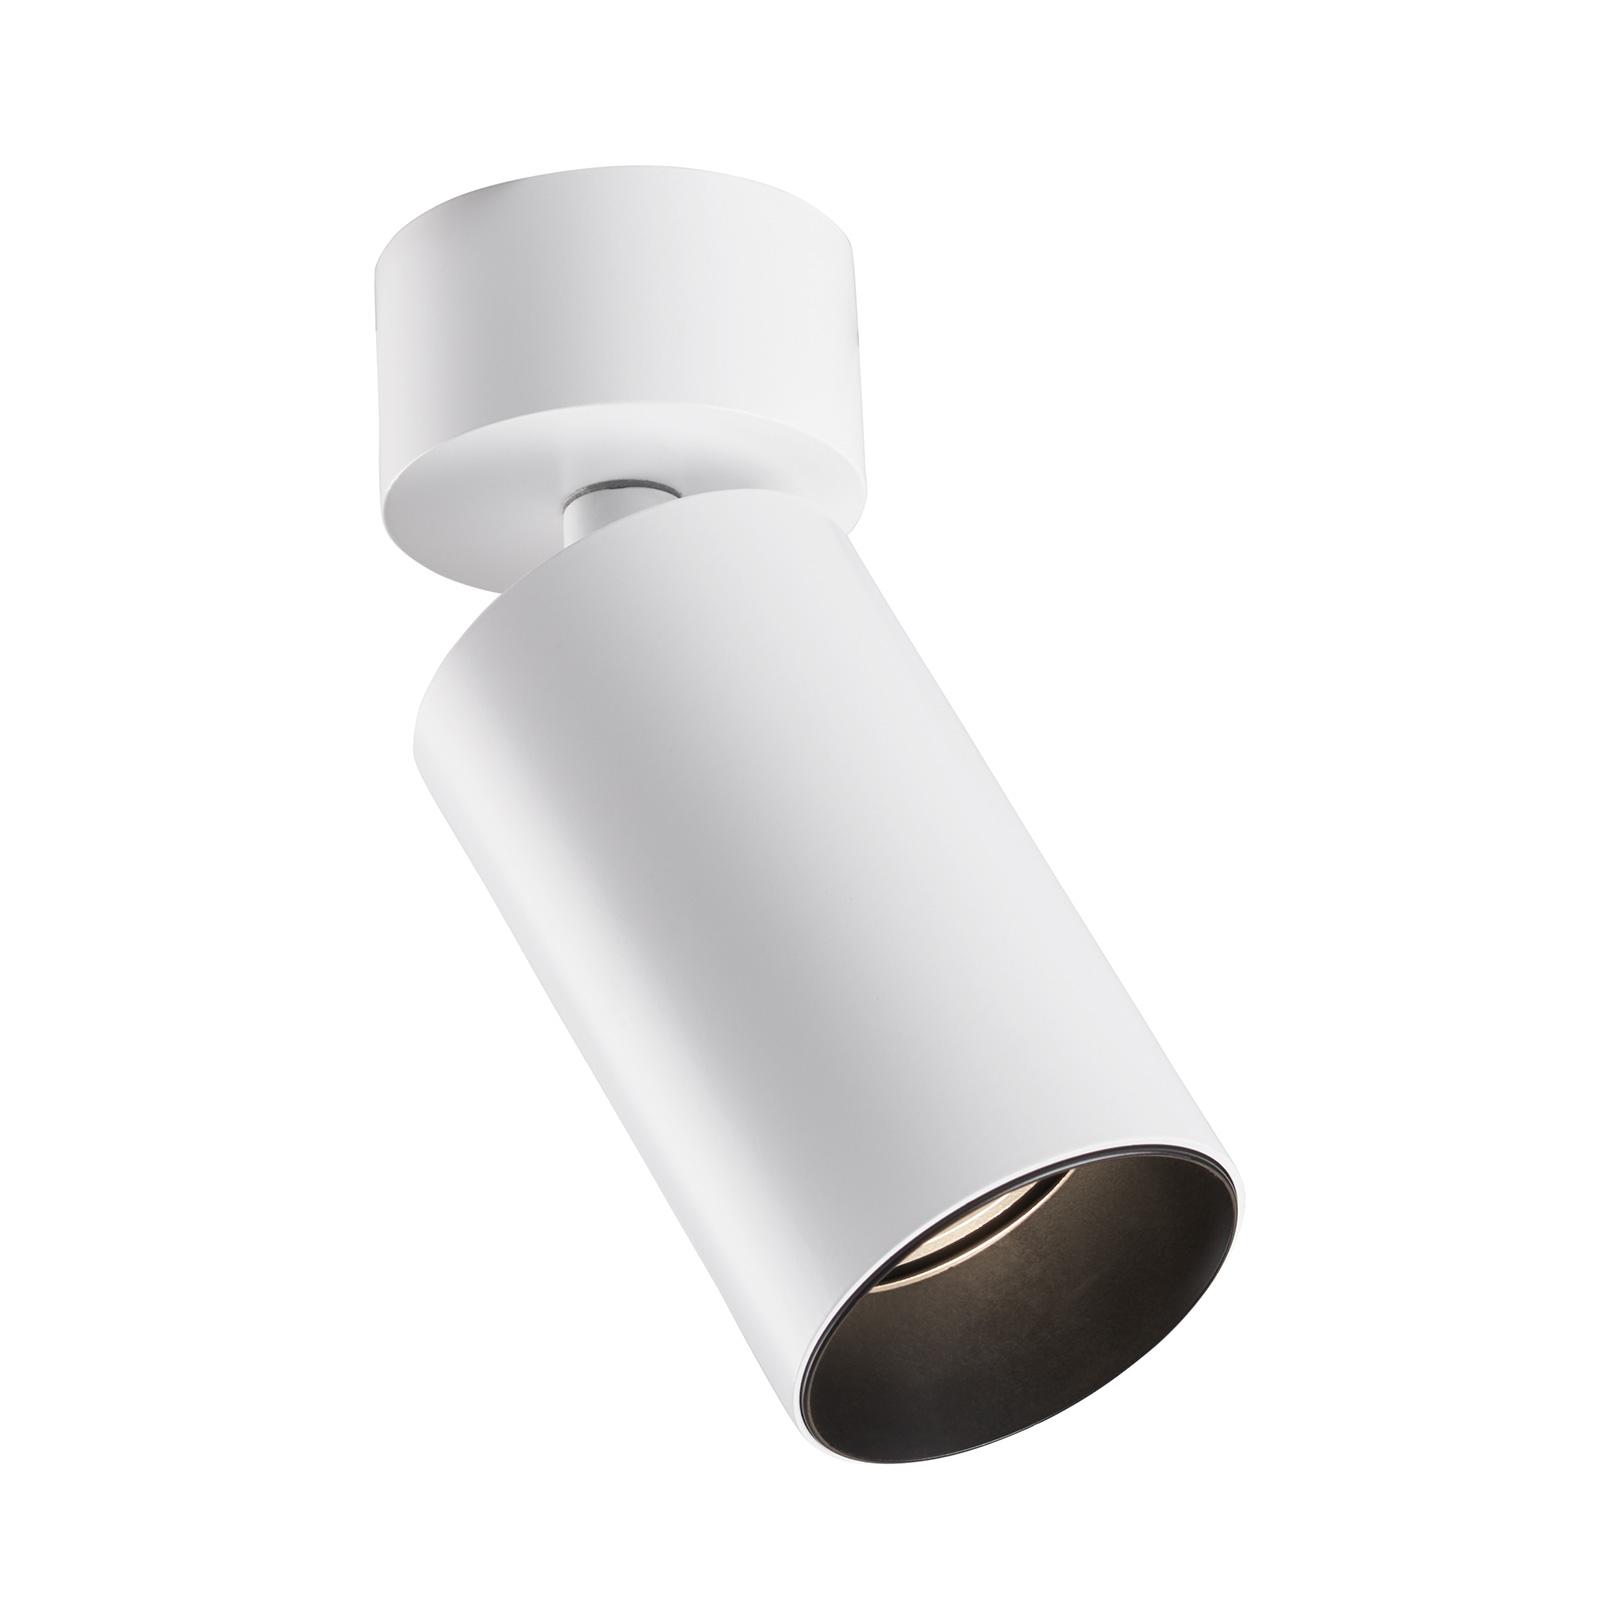 LEDS-C4 Atom LED-Deckenstrahler 33° weiß 3.000 K